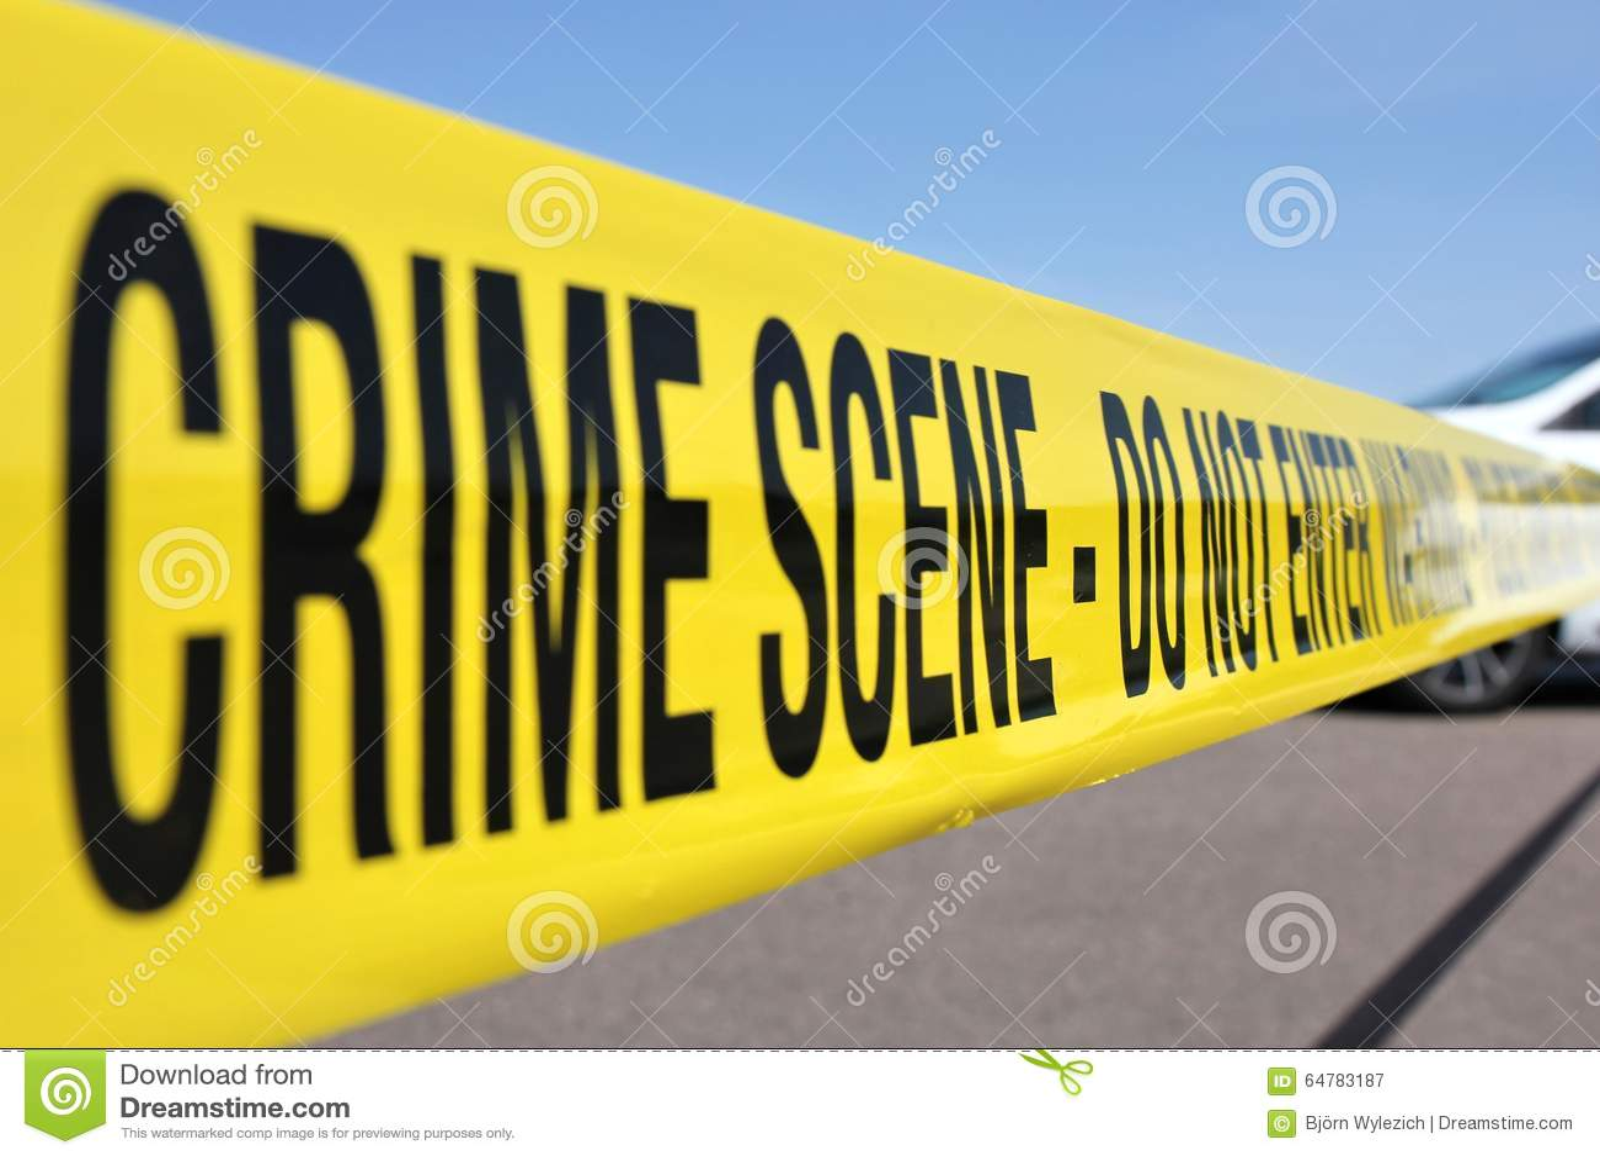 Cena do crime 01